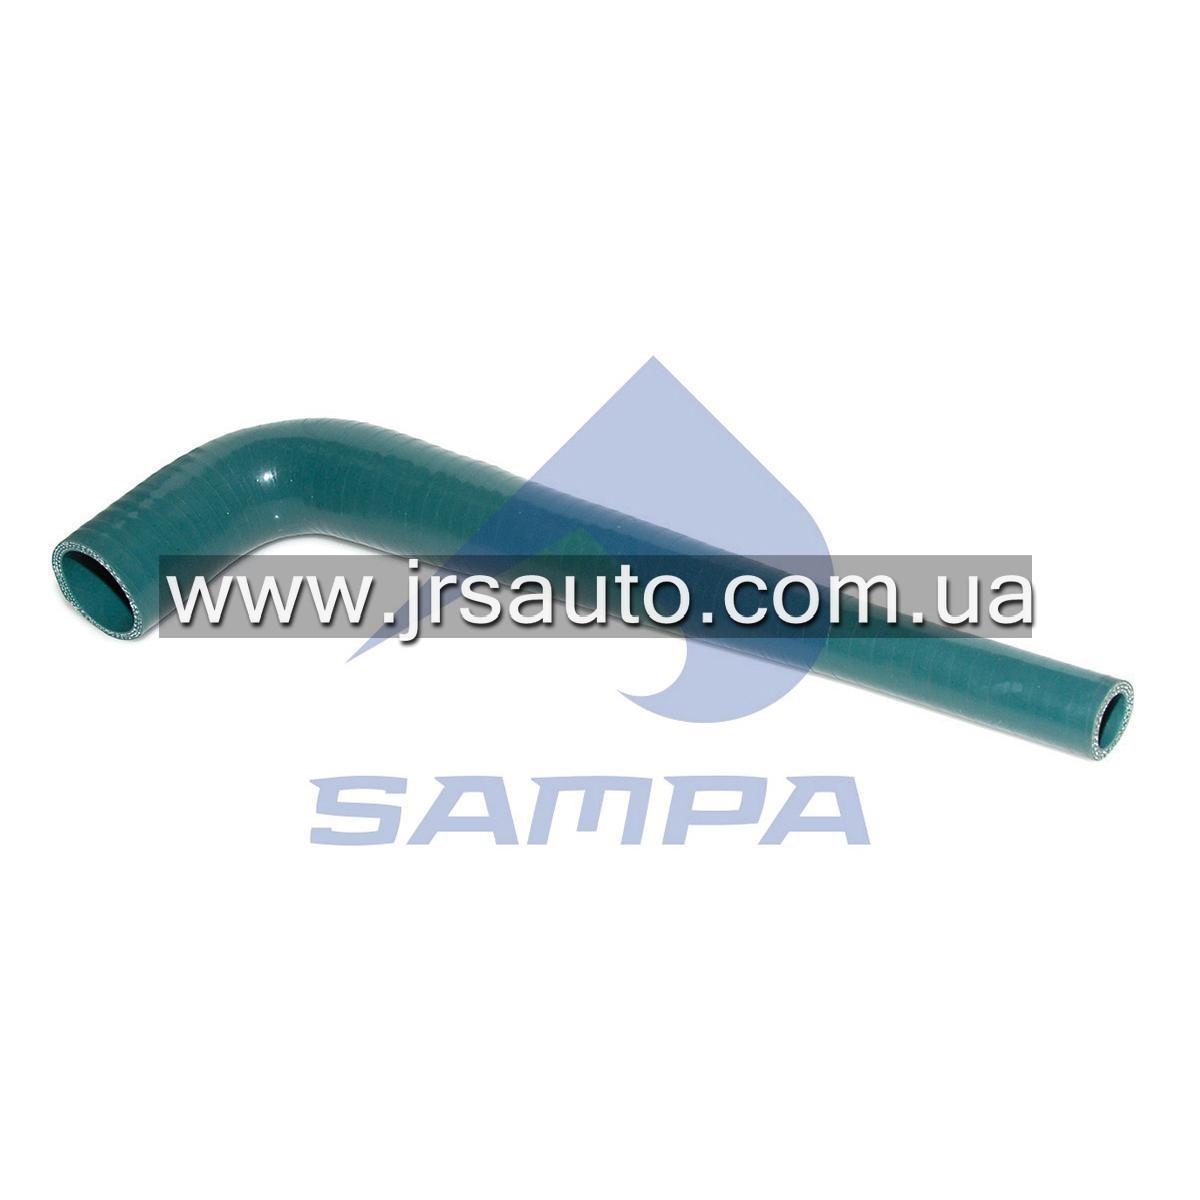 Колено шланга масляного радиатора (19/40х375/95) VOLVO \8155665 \ 031.115